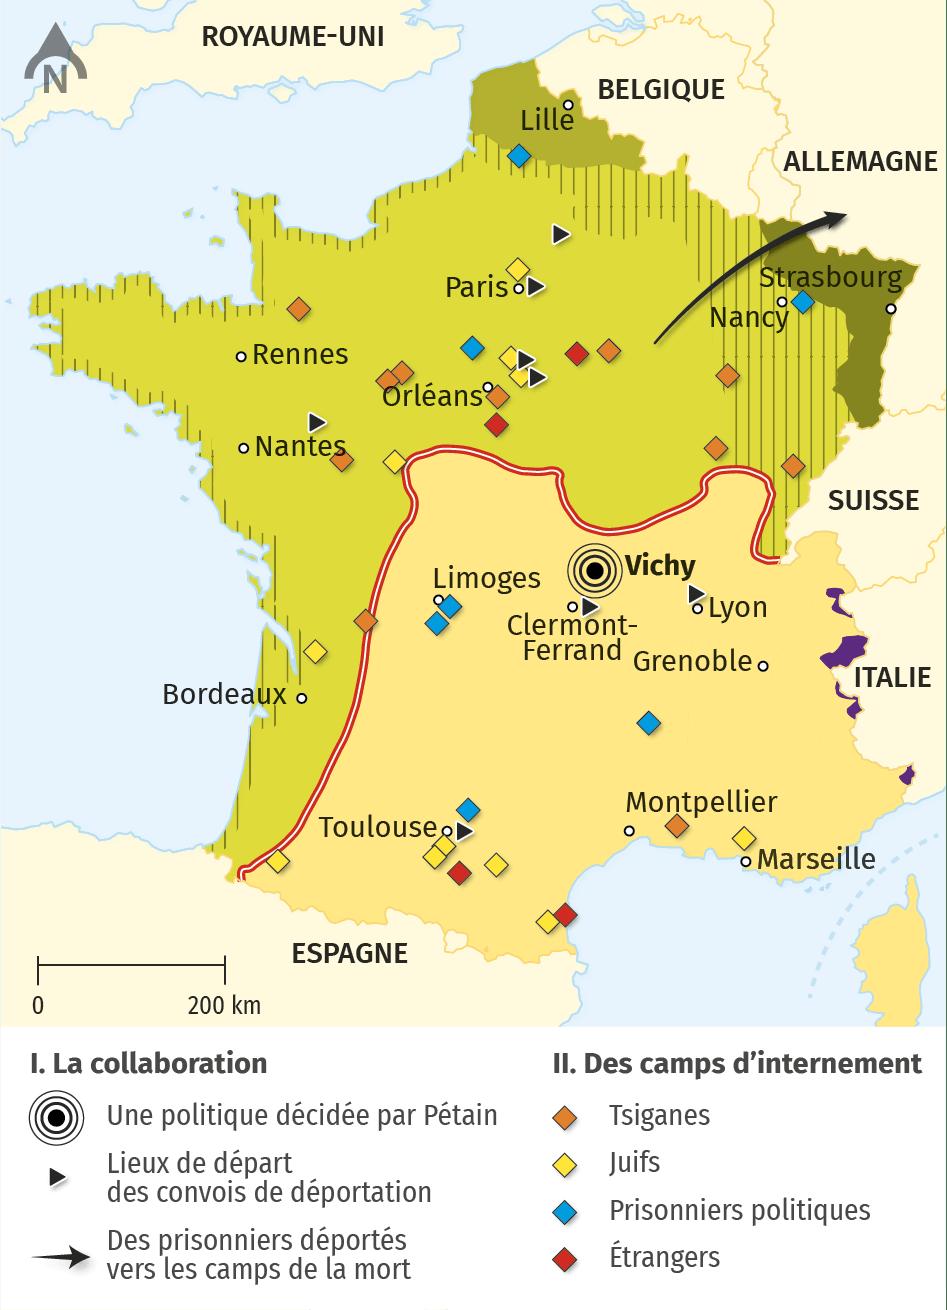 carte sur les camps d'internement et déportations